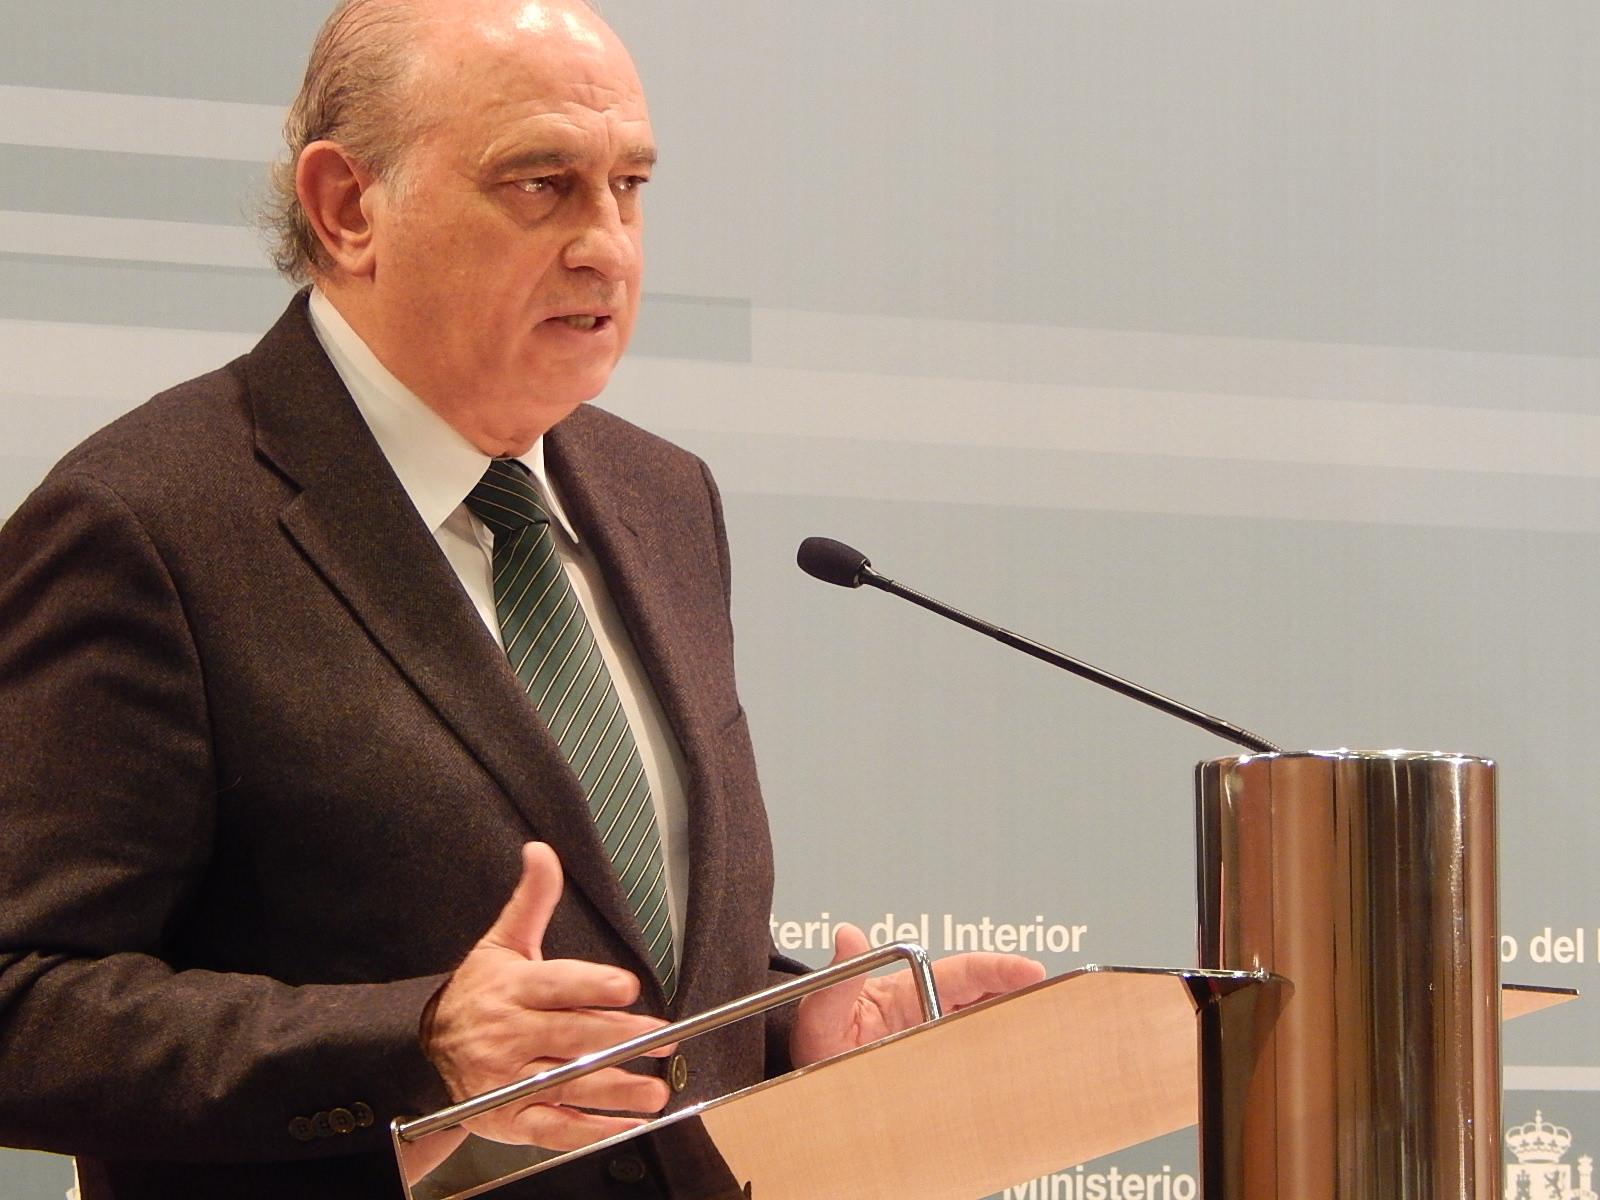 L'exministre de l'Interior, Jorge Fernández Díaz